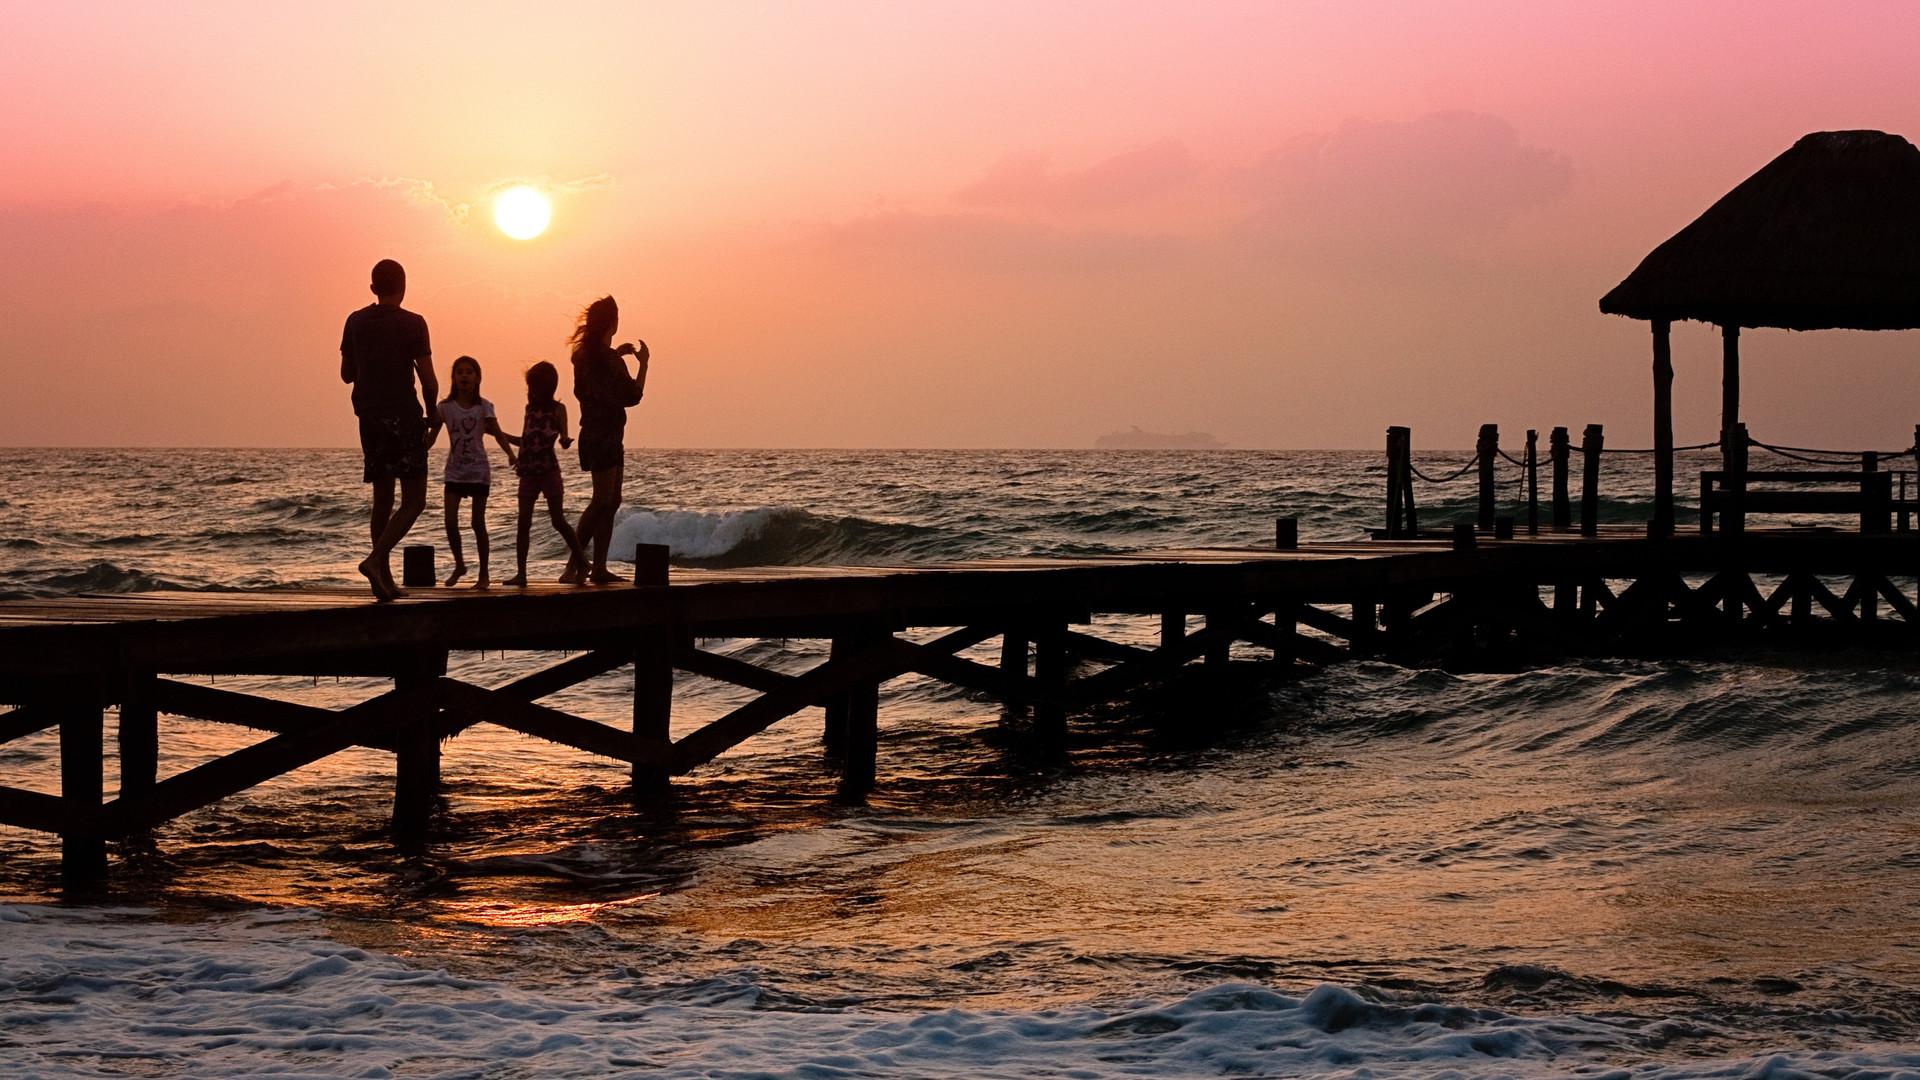 beach-children-family-39691.jpg